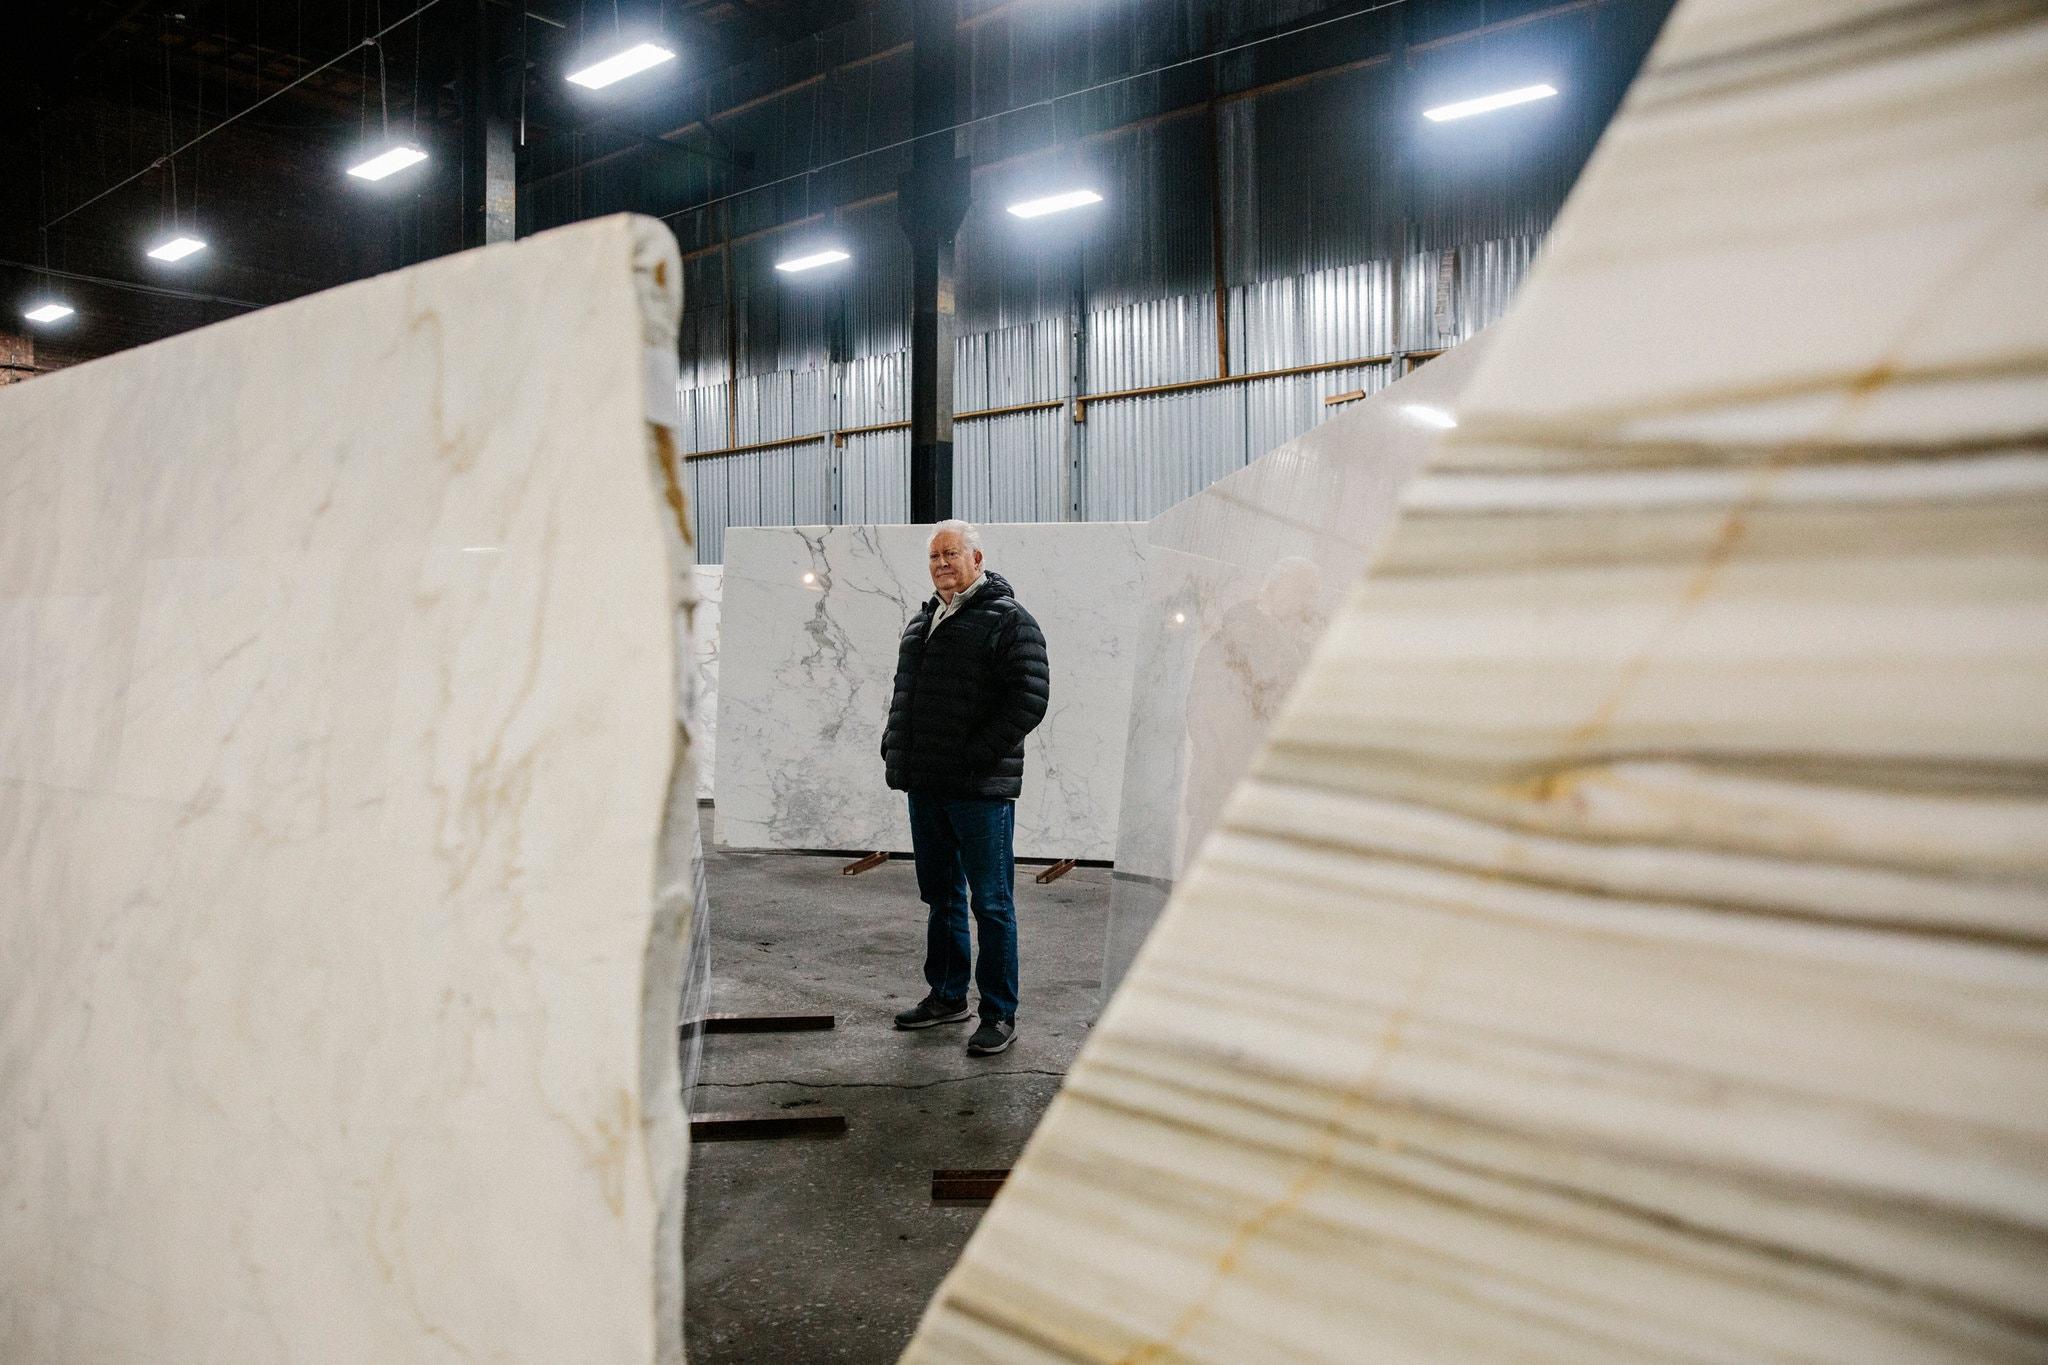 Kevin Gavaghan, gerente de ventas de PMI International Stone Importers